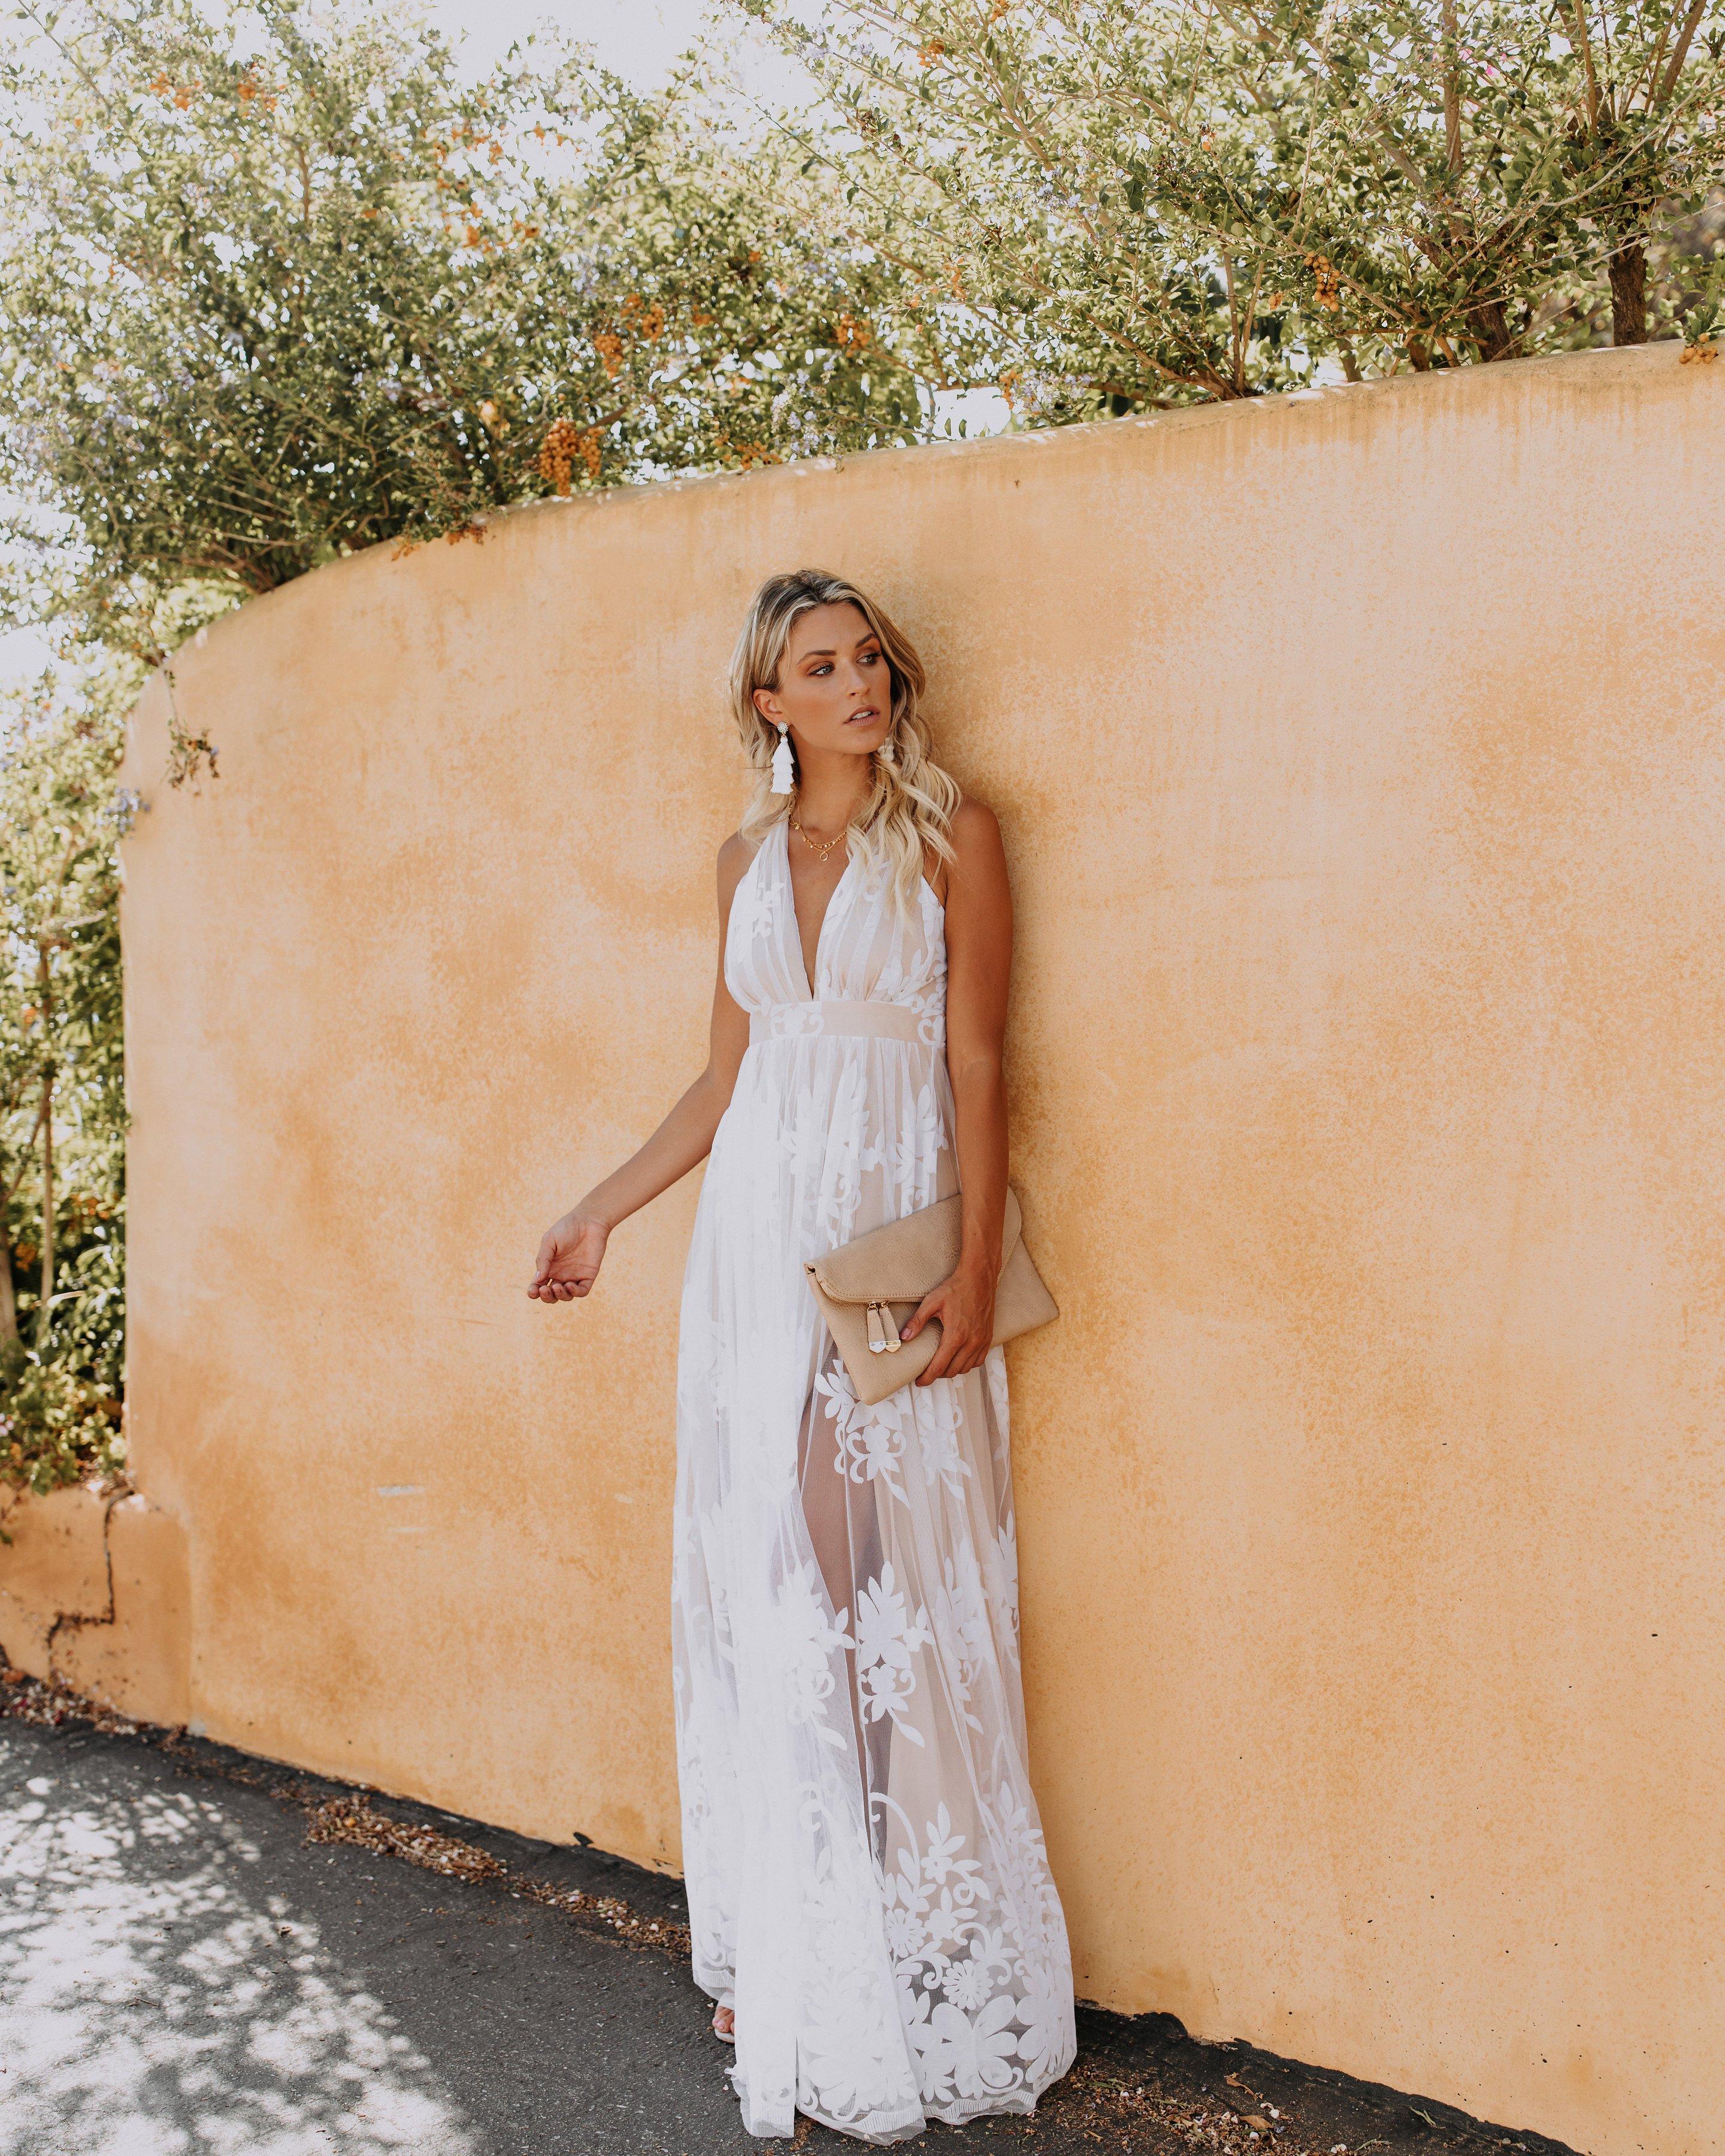 Antonia Maxi Dress White White Rehearsal Dinner Dress Rehearsal Dinner Dresses Bride Reception Dresses [ 3600 x 2880 Pixel ]